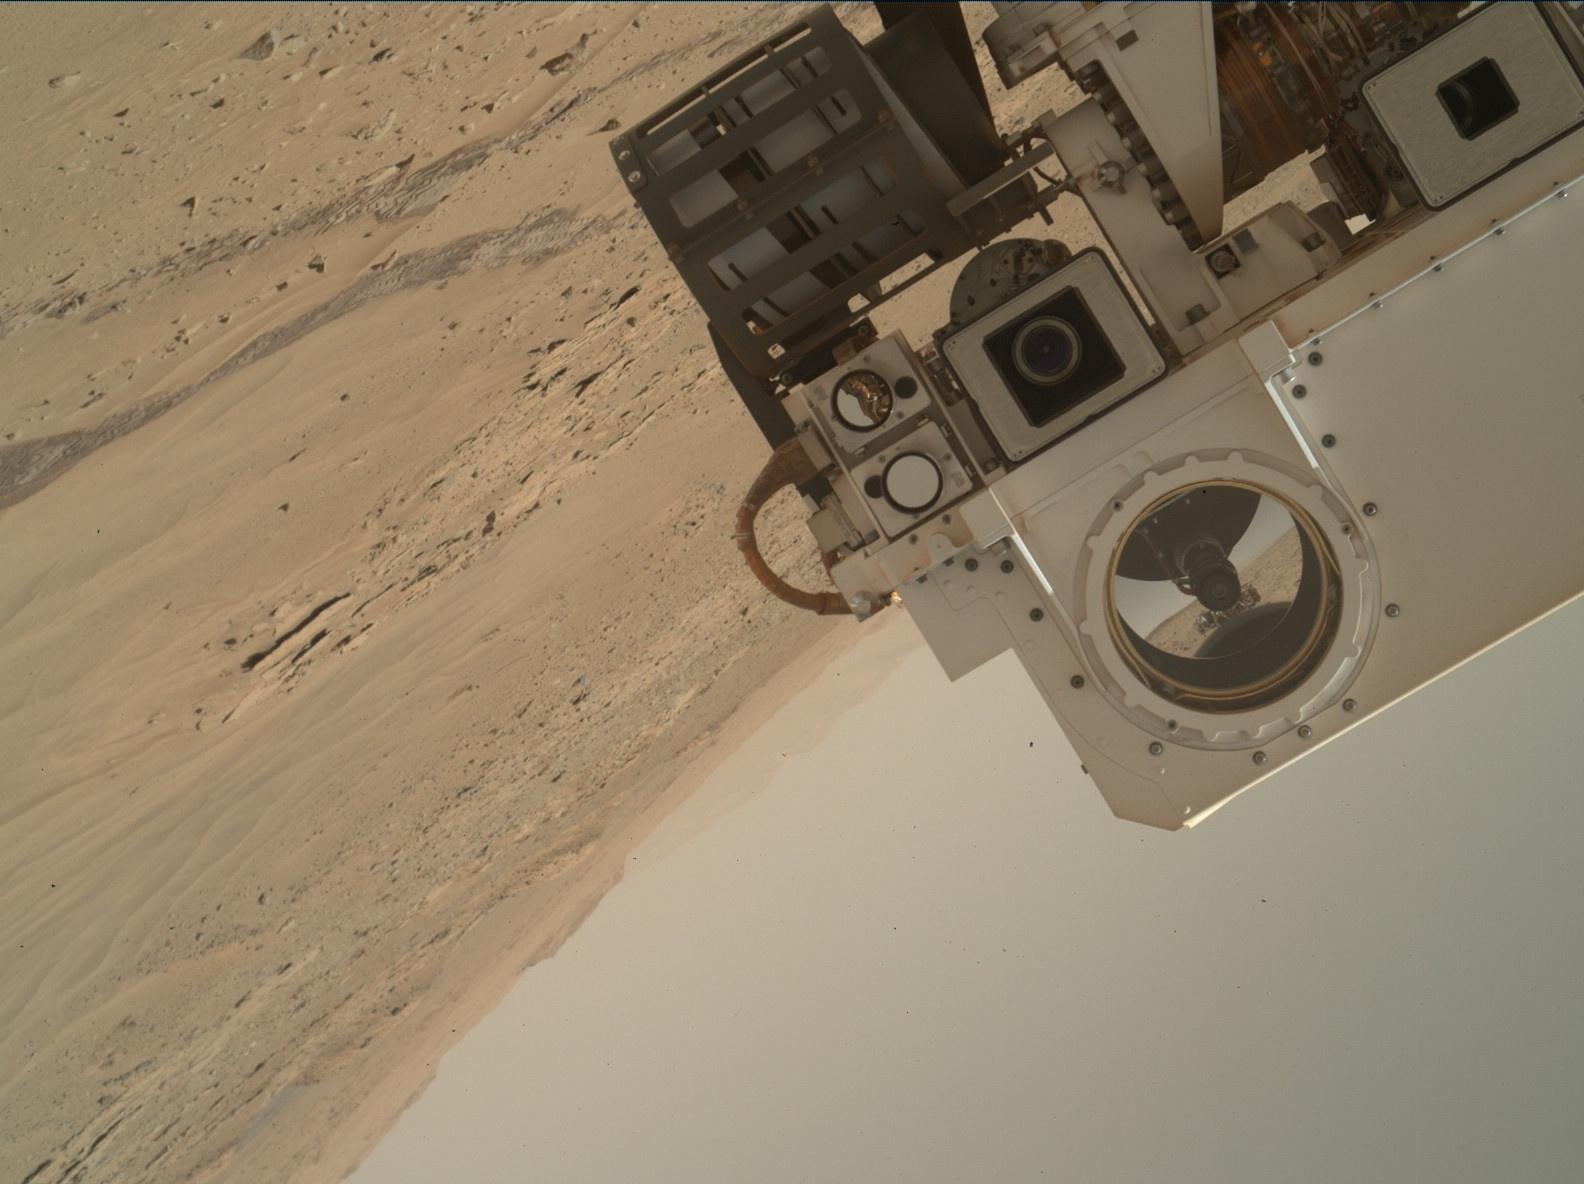 Rover's selfie